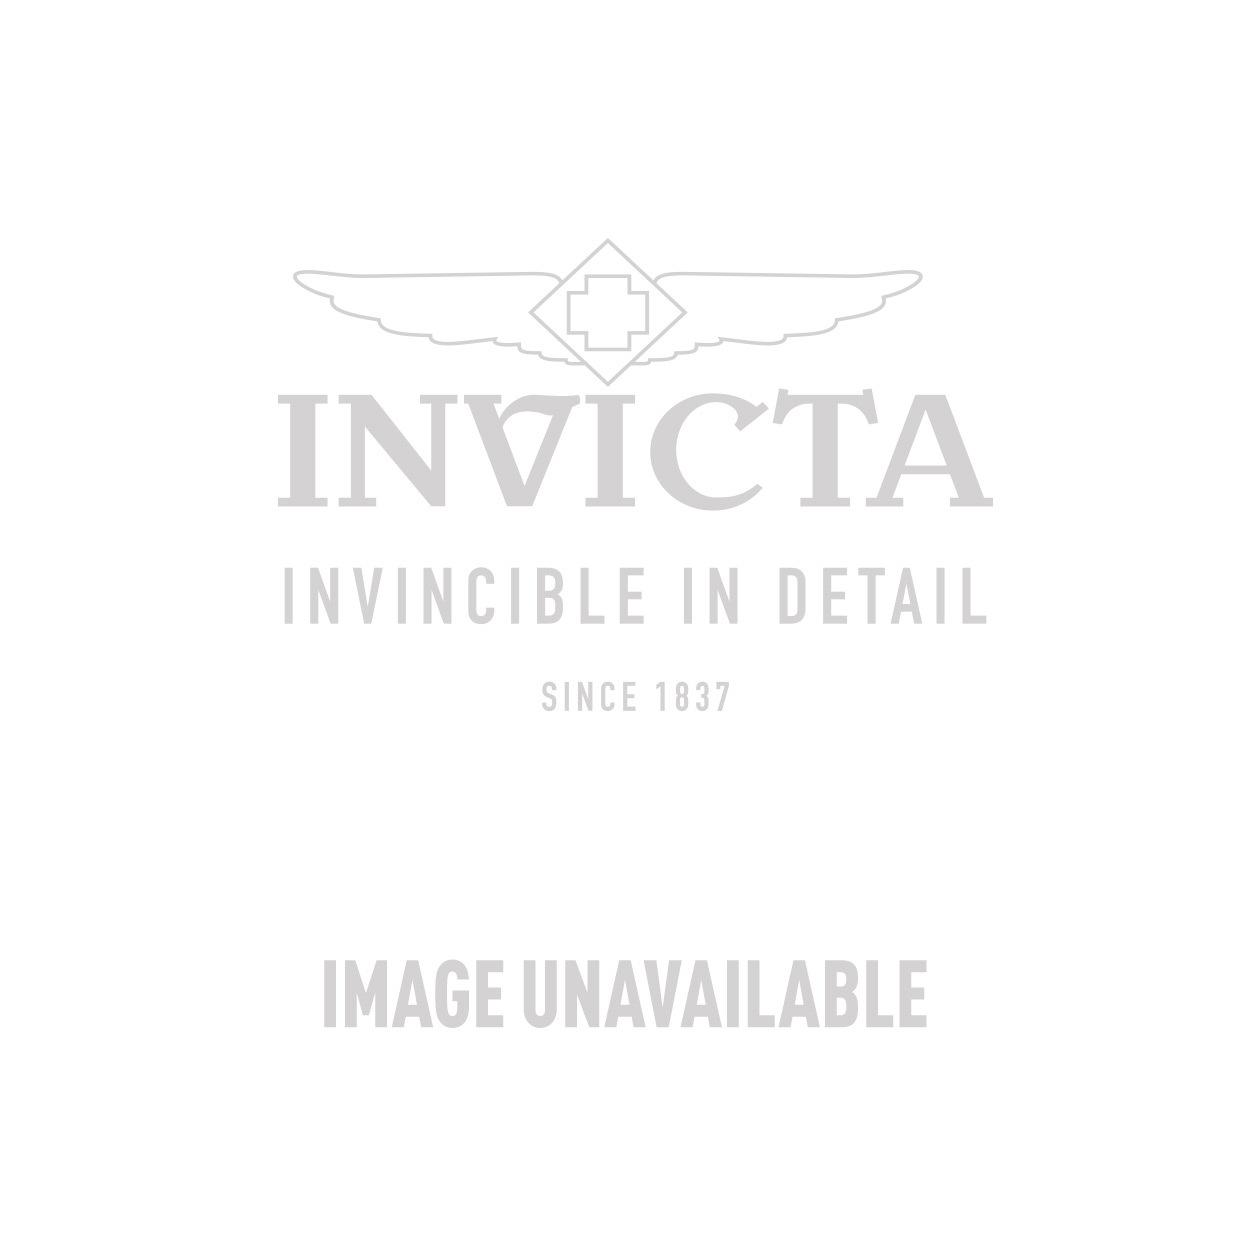 Invicta Model 27237